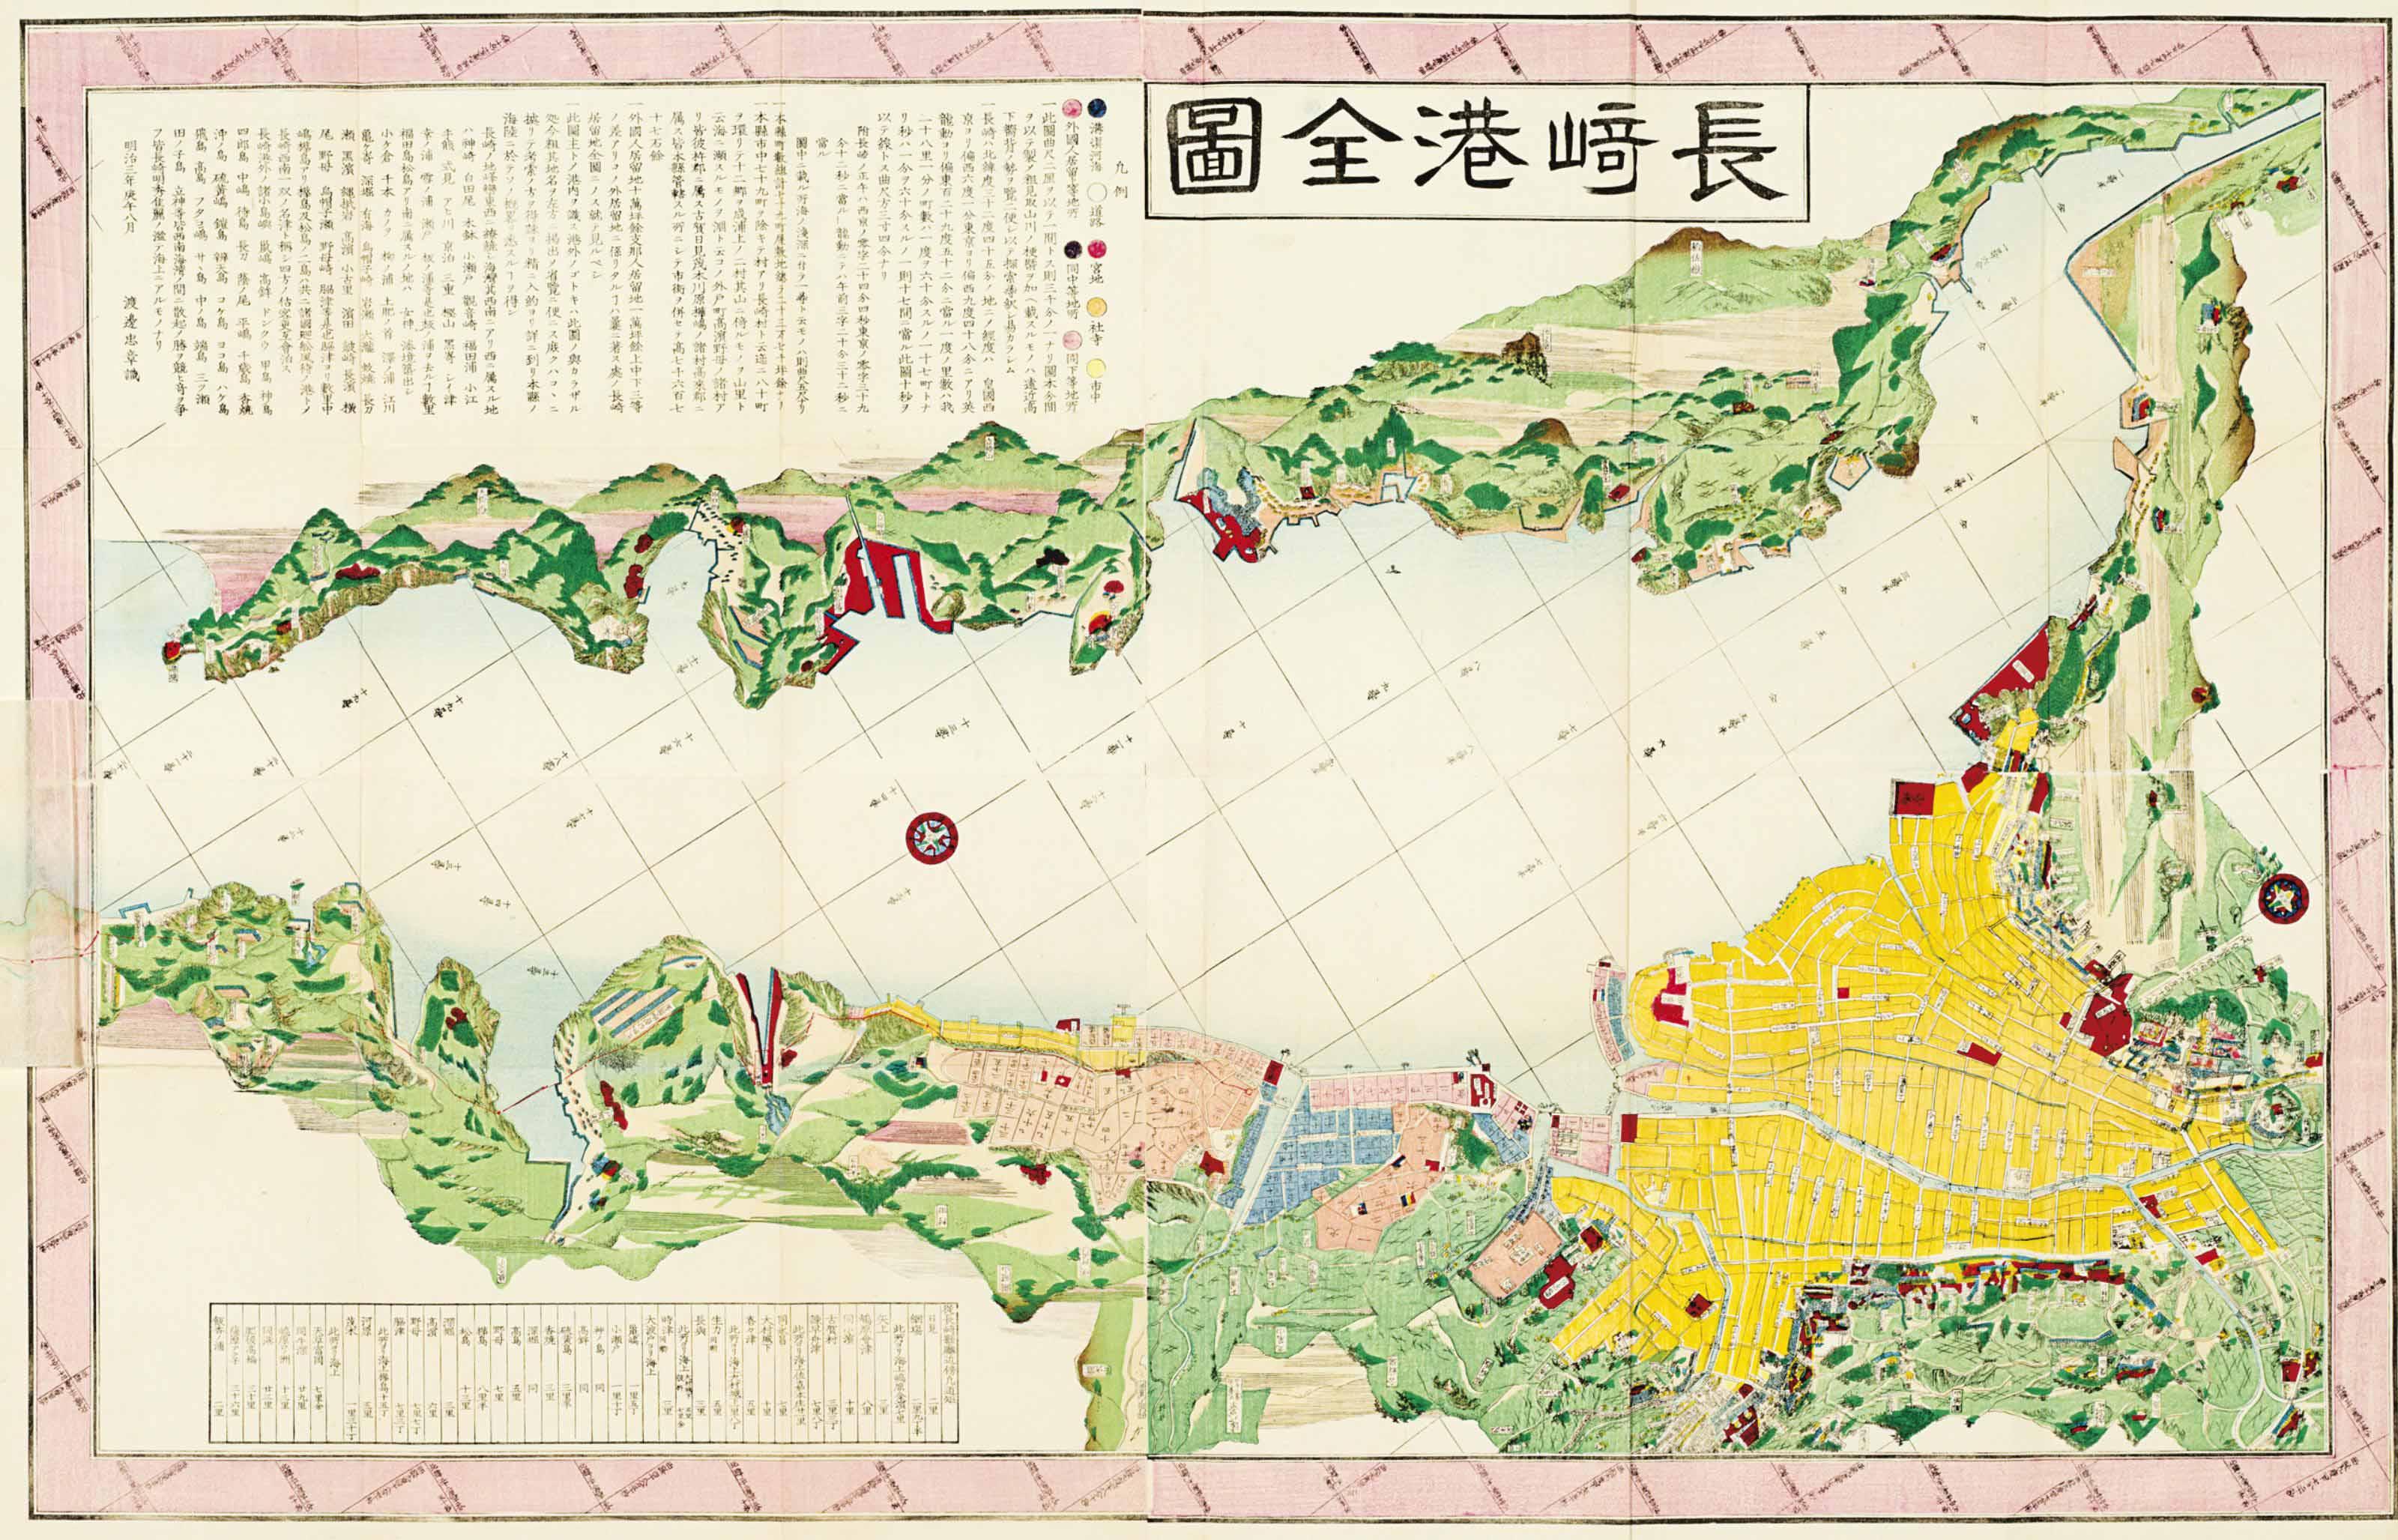 WATANABE, Tadaaki. Nagasaki-ko